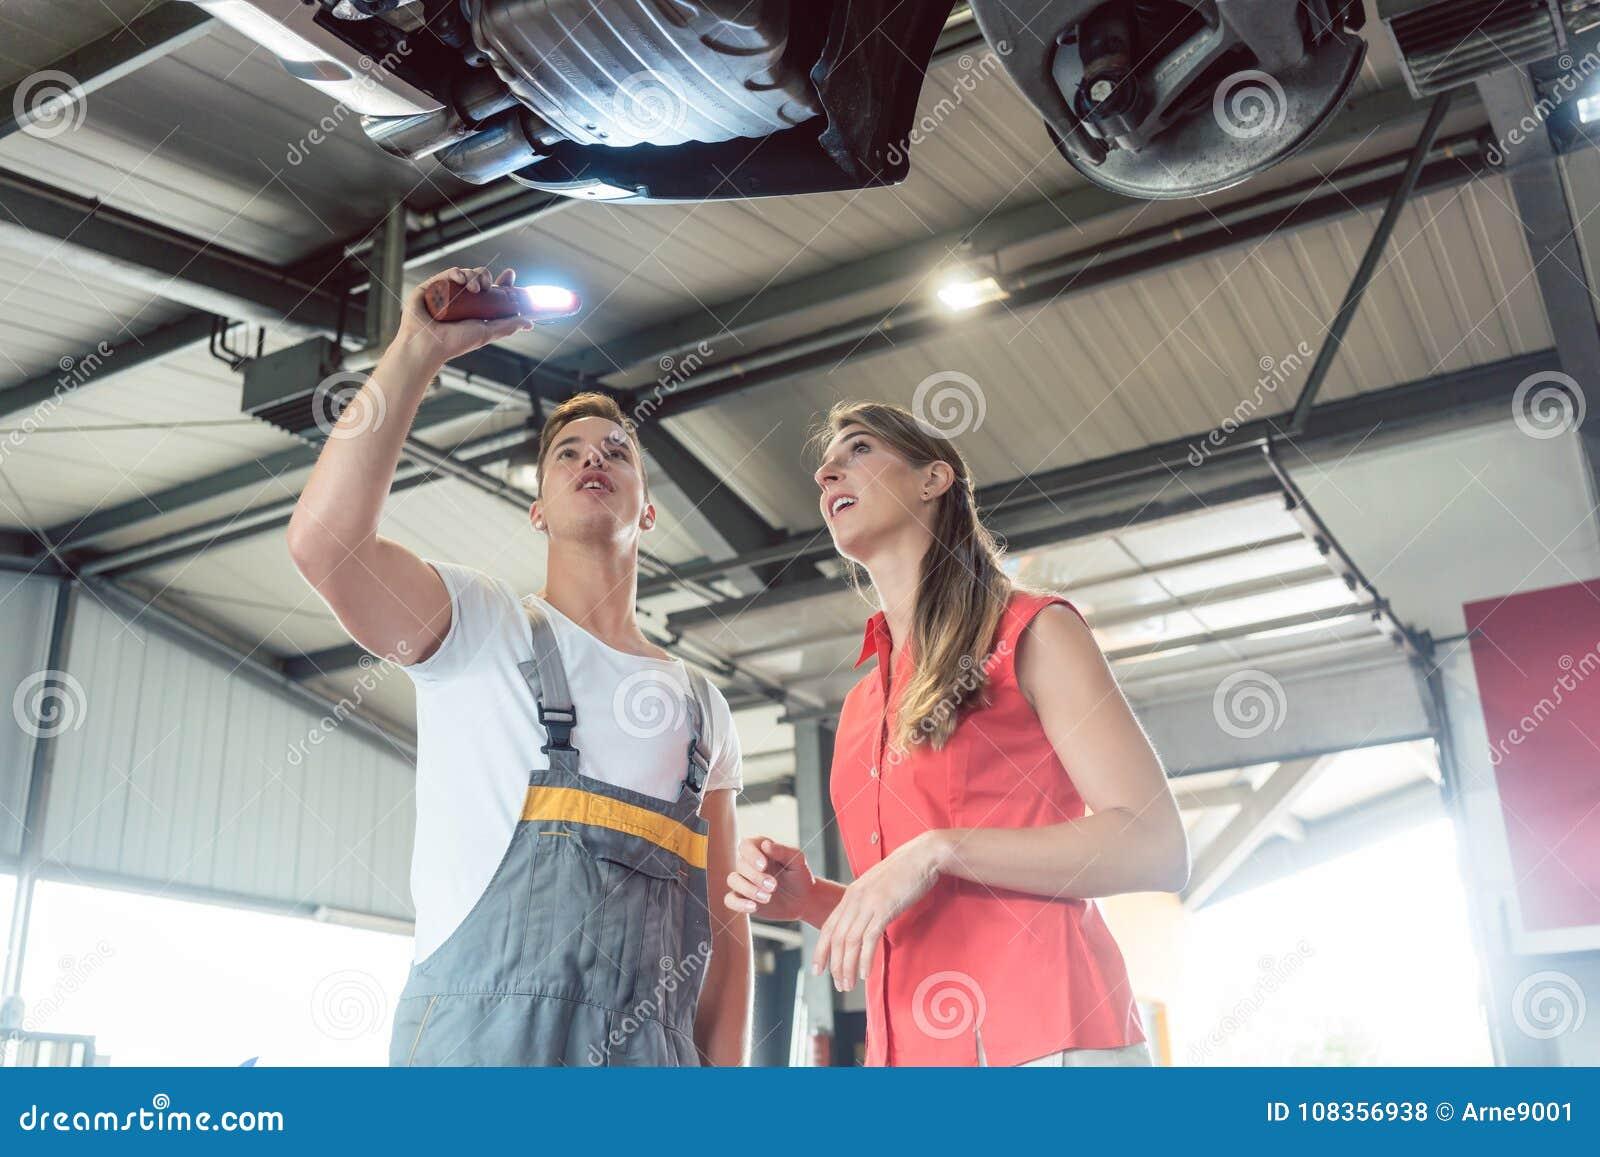 Pålitlig auto mekaniker som kontrollerar bilen av en kvinna i ett modernt a